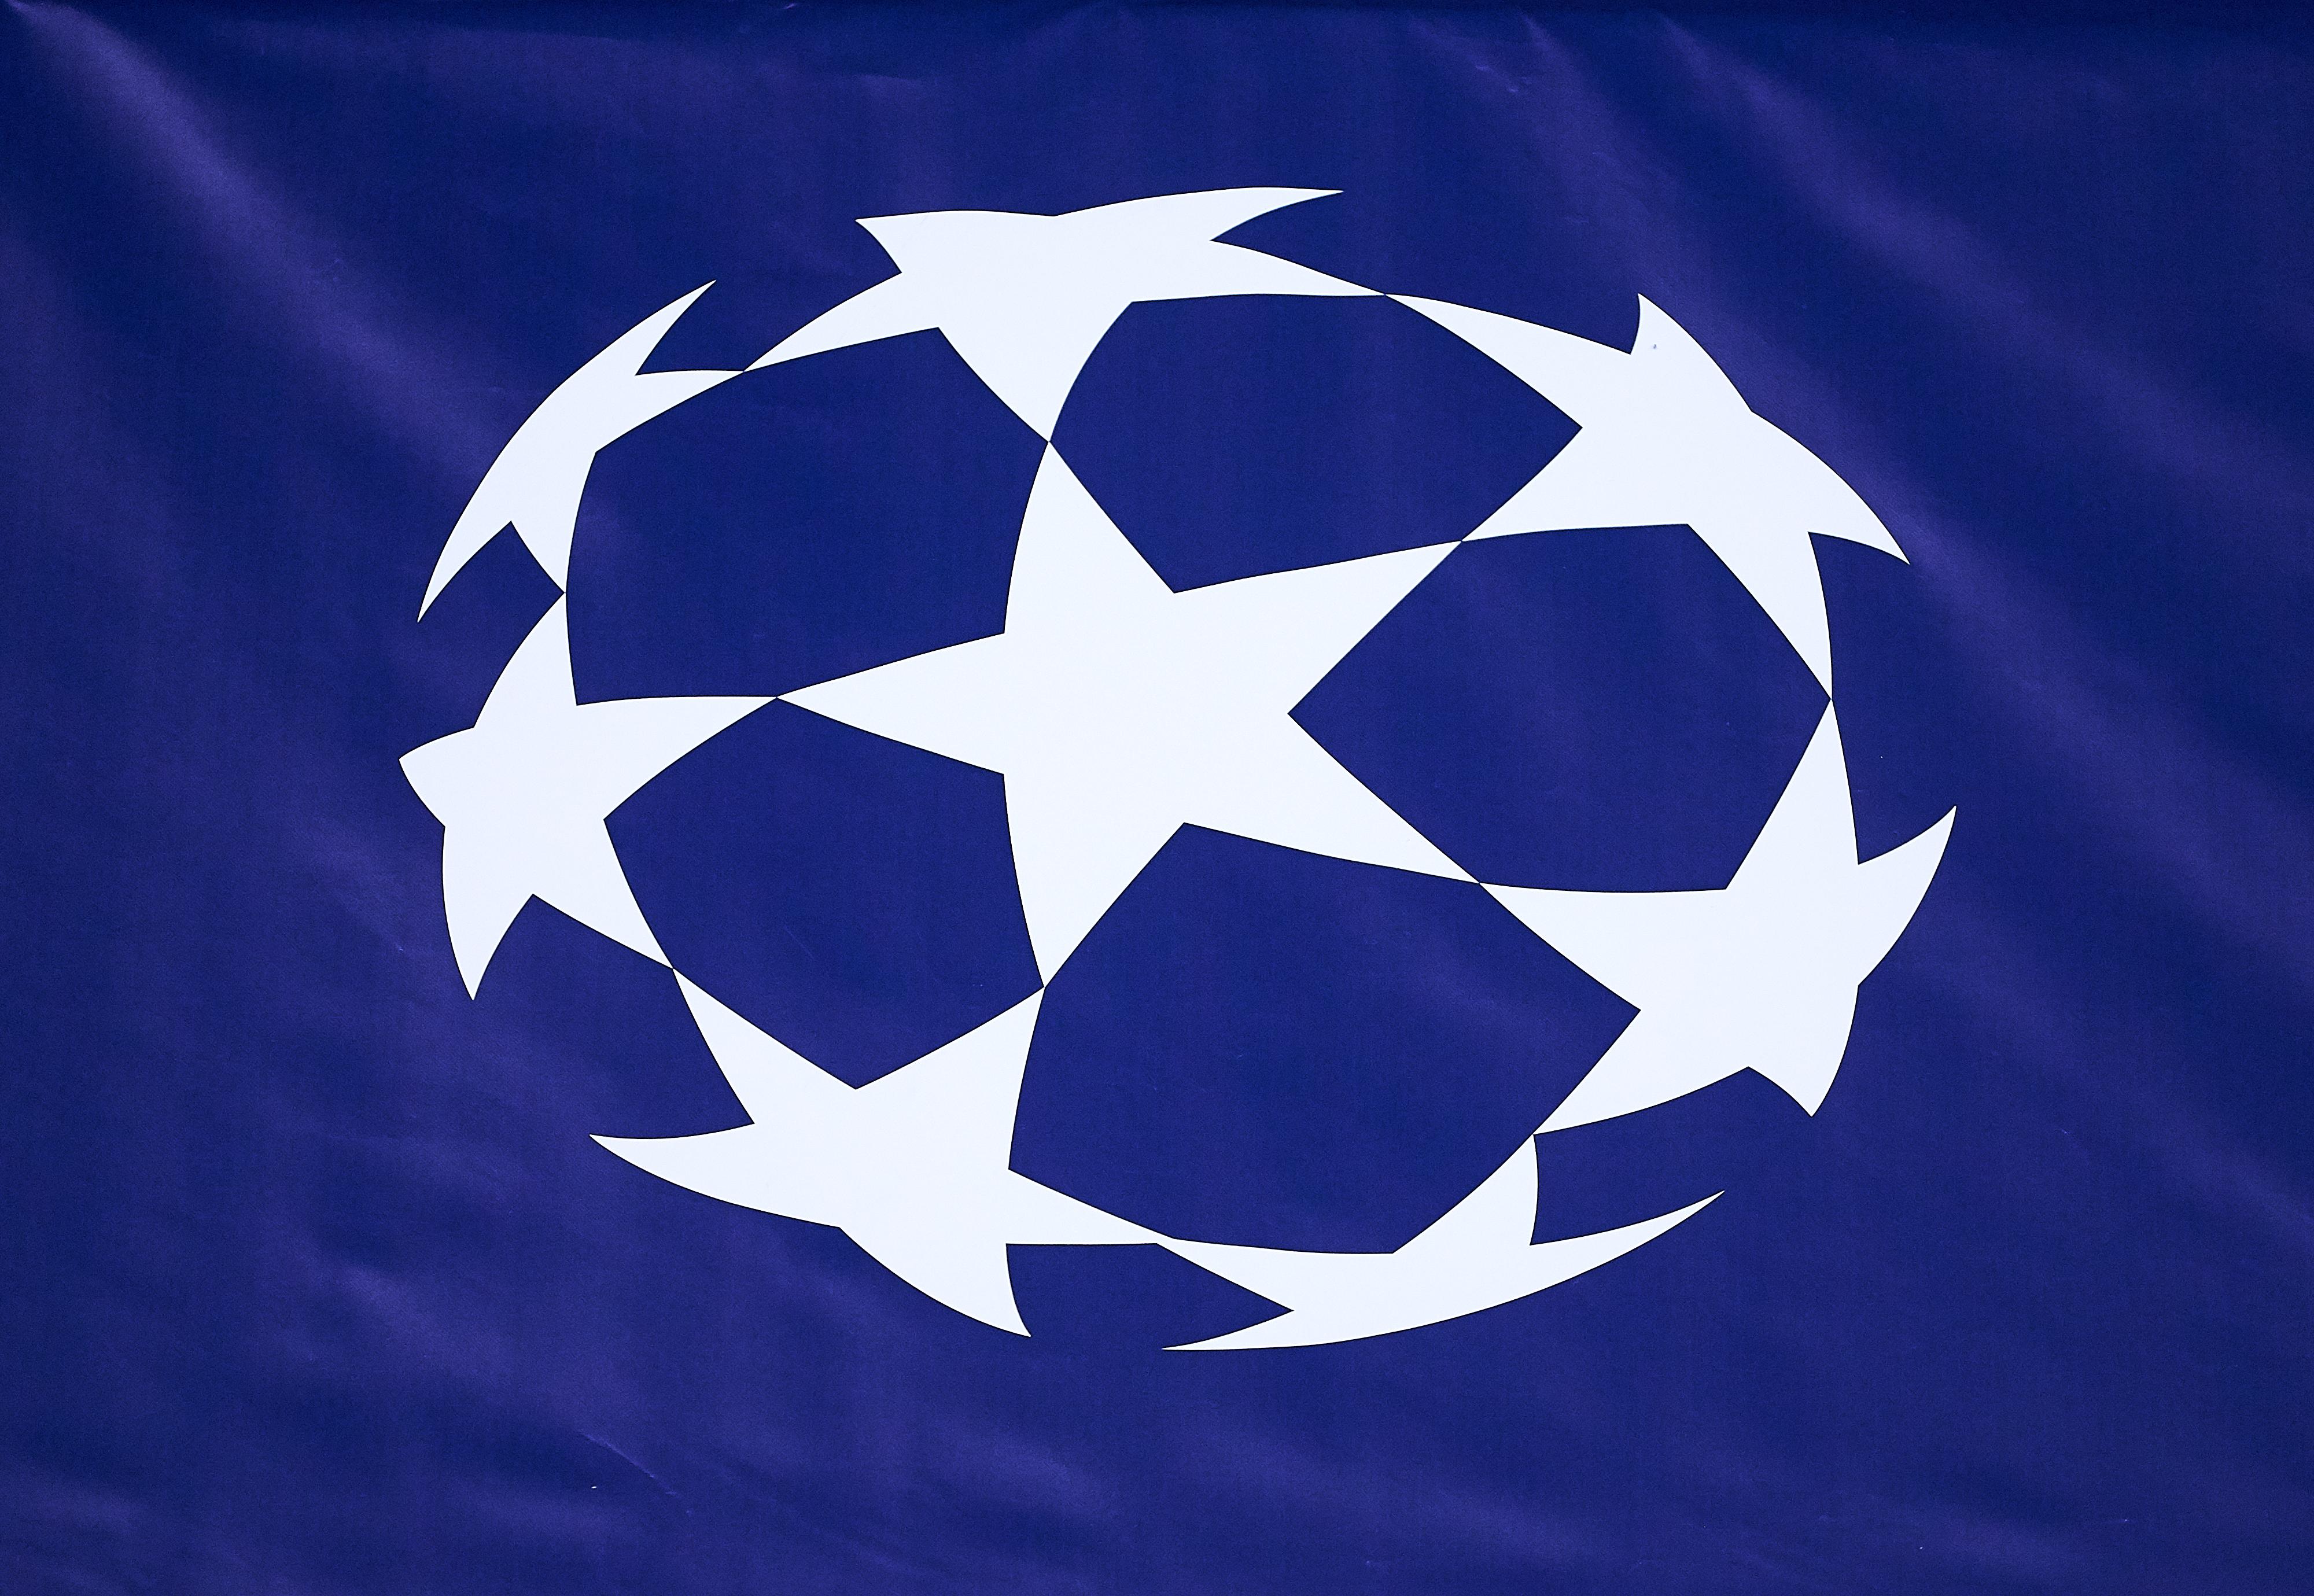 FC Sevilla v Stade Rennais: Group E - UEFA Champions League